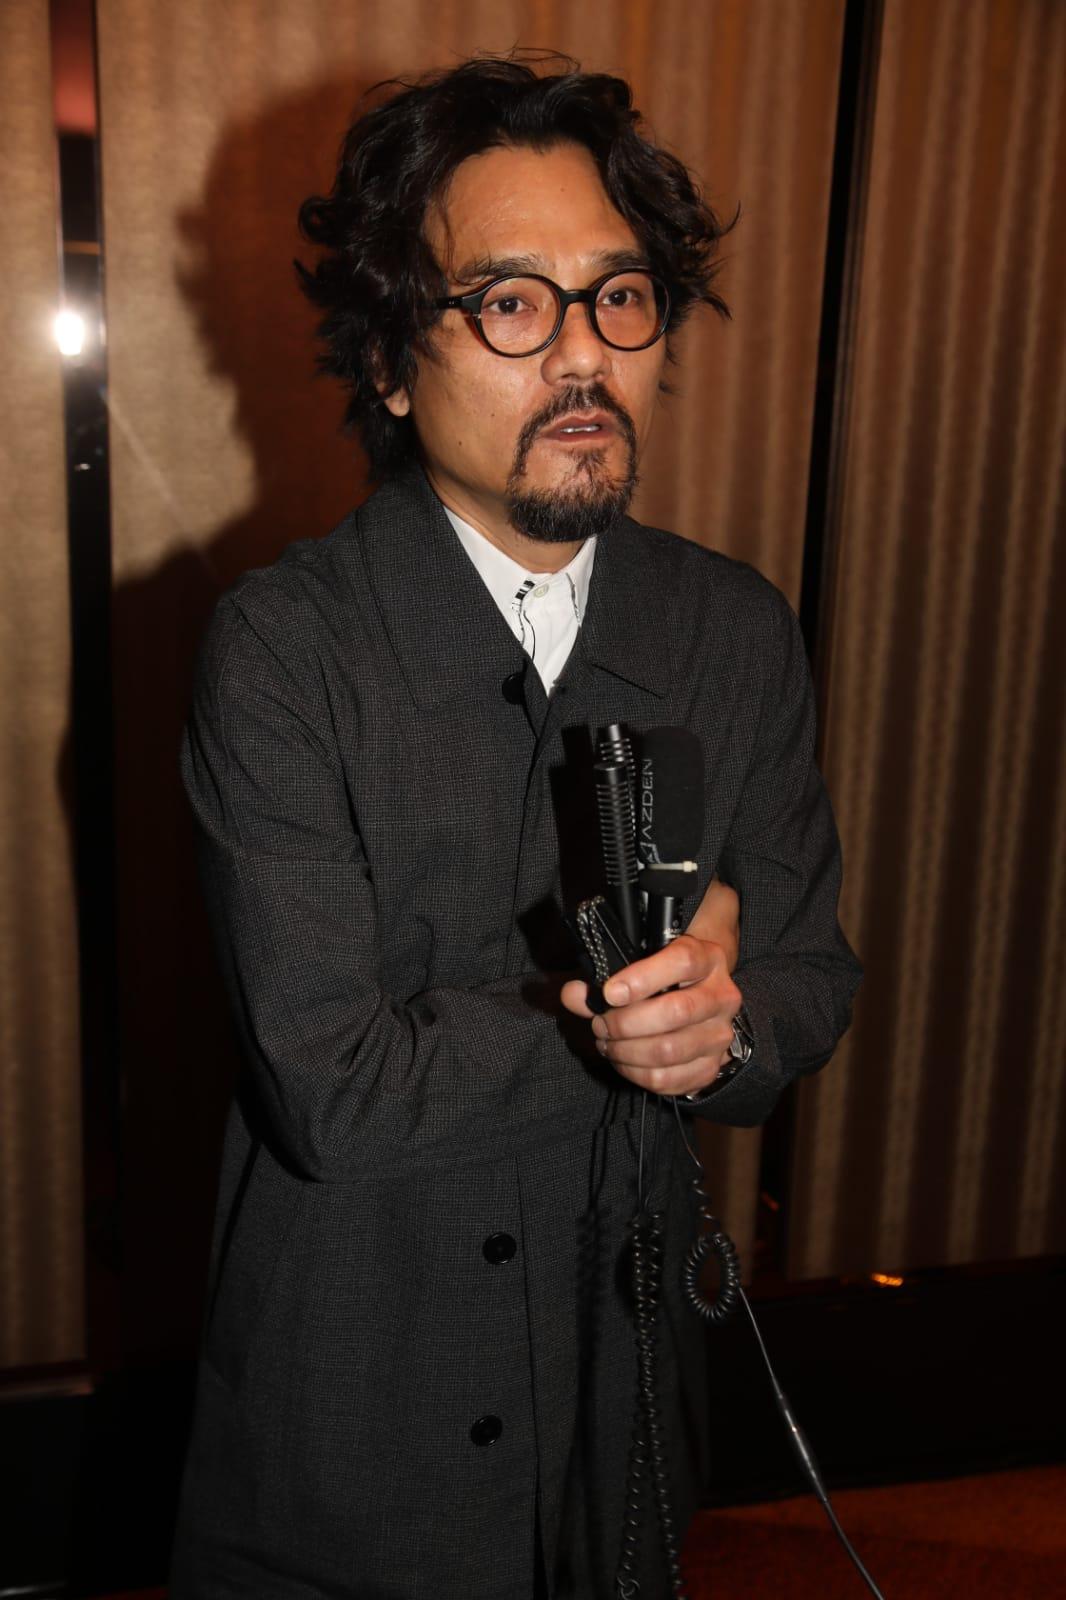 林家棟指,有電影邀請他扮演馬來西亞的跨性別人士。